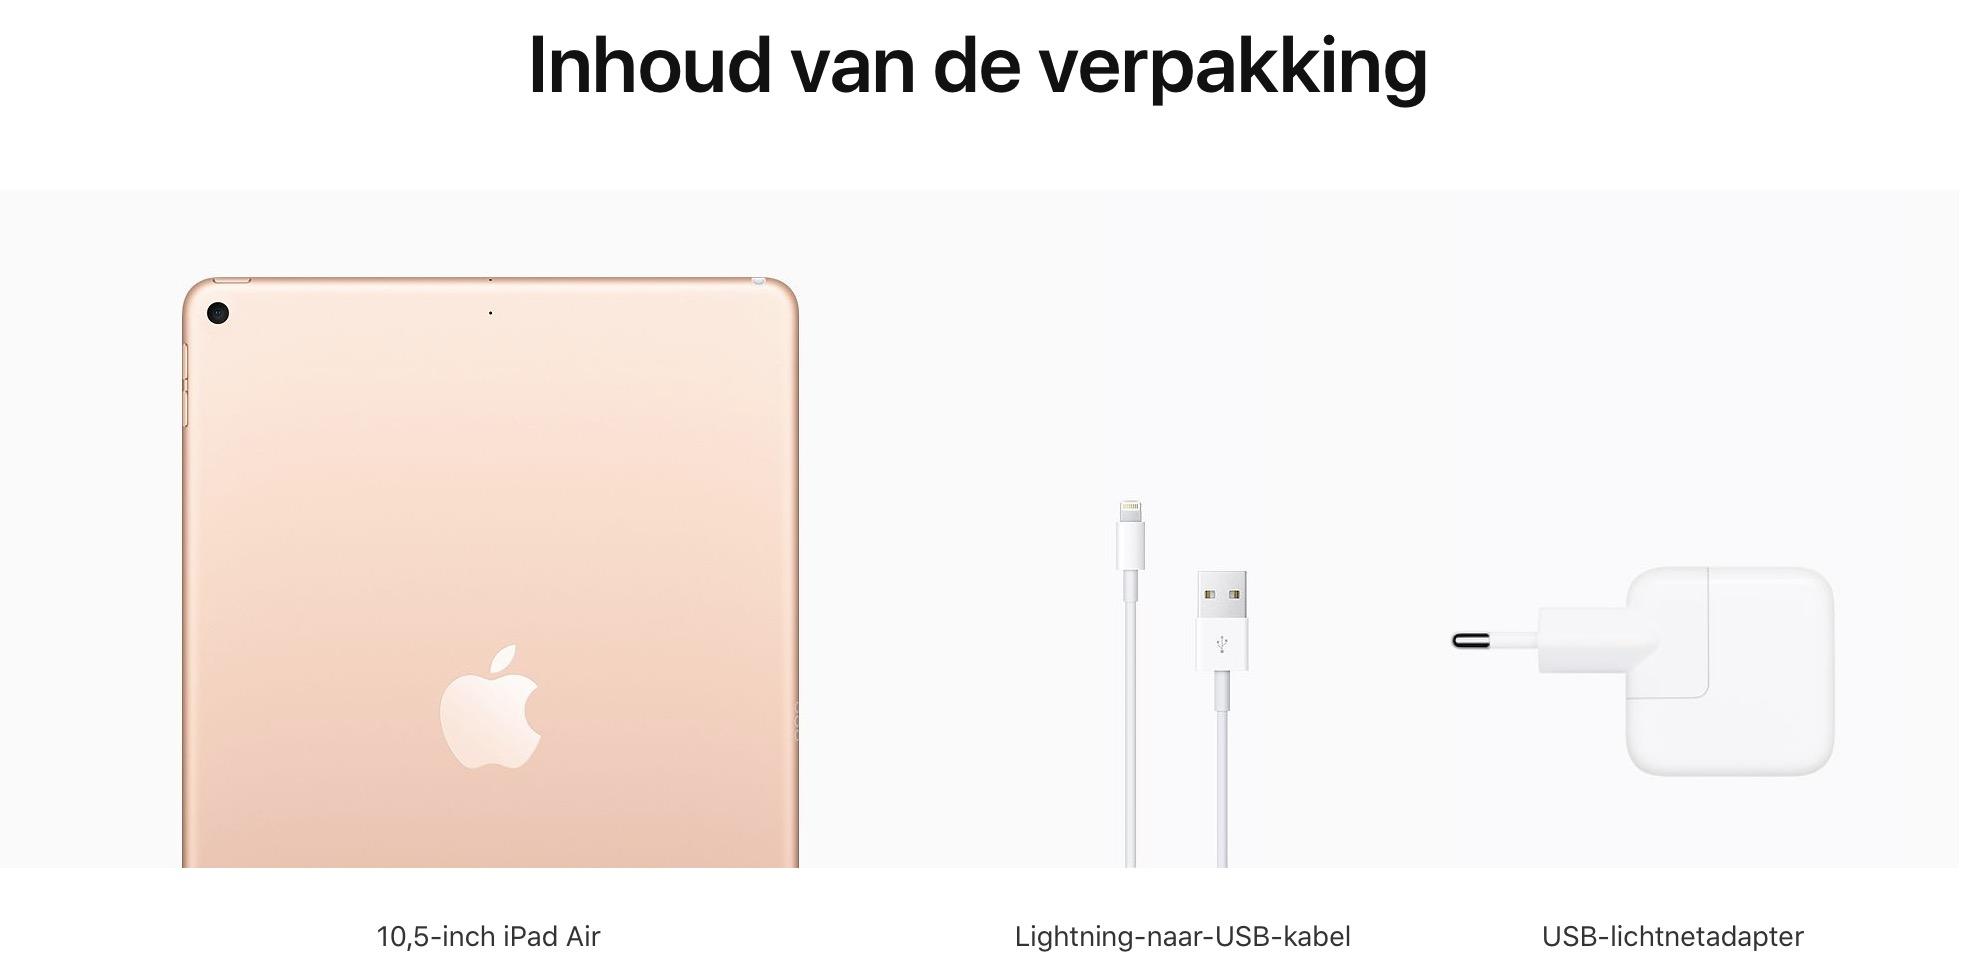 iPad (10.2-inch) (8th generation) - 32 GB - (Wi-Fi + Cellular) - Goud (Nieuw)